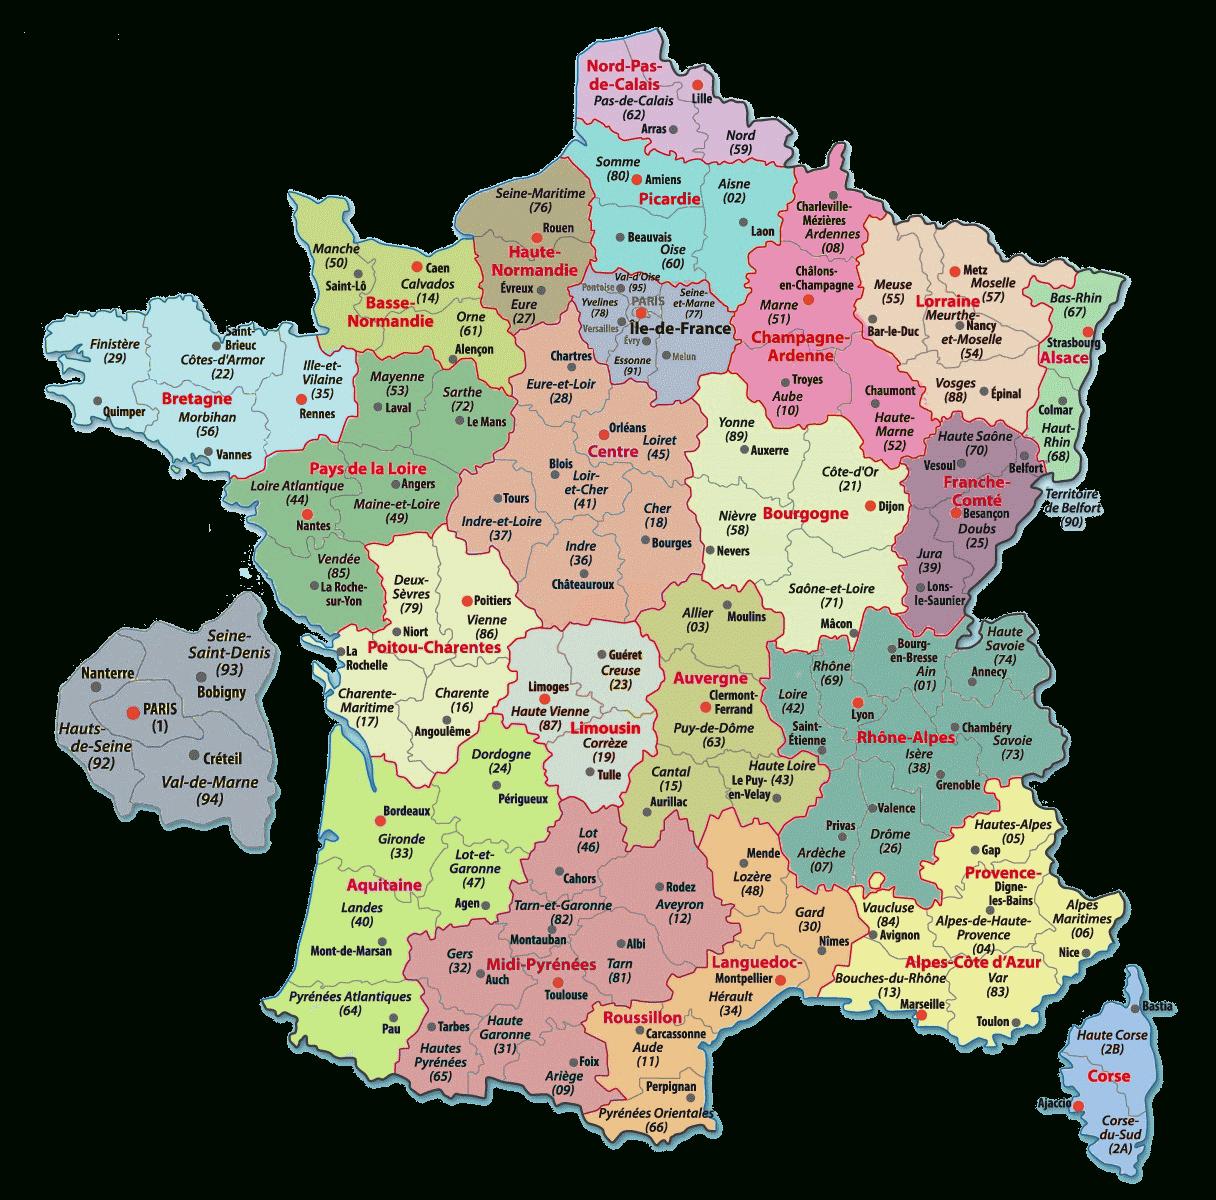 Carte De France Departements : Carte Des Départements De France intérieur Carte De France Numéro Département